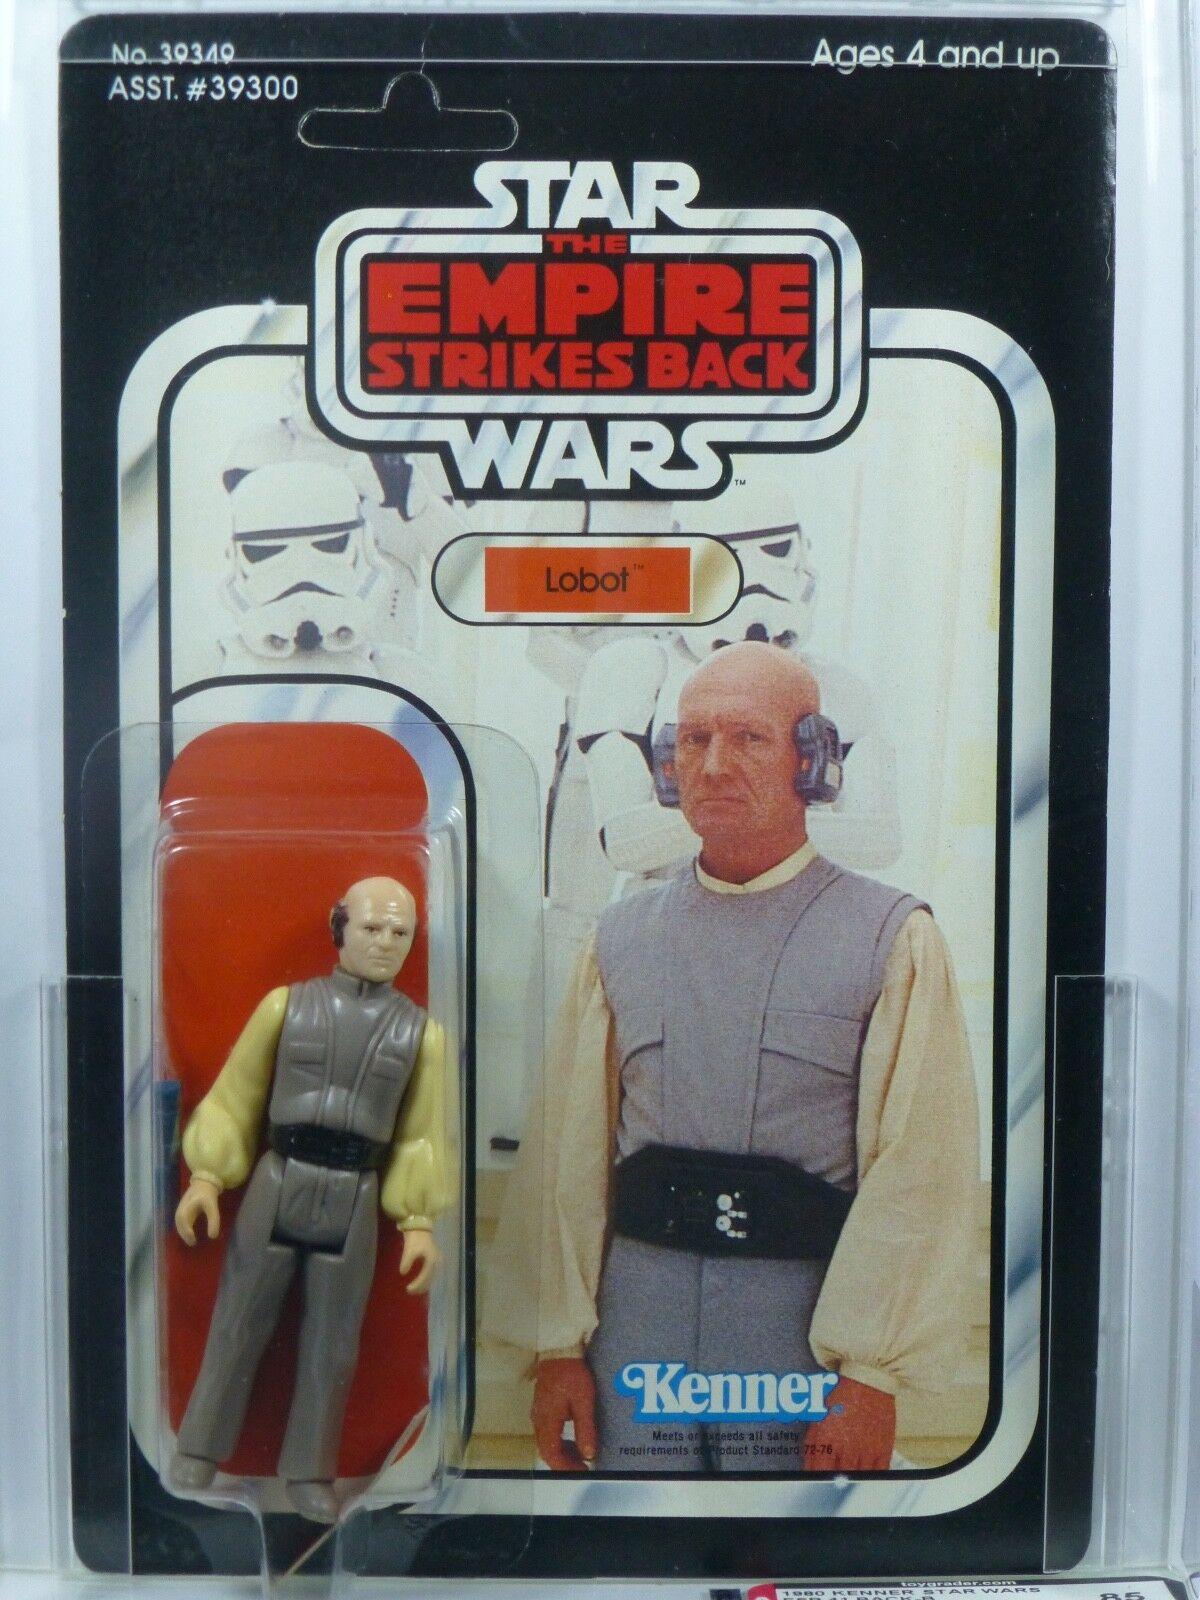 Star Wars Kenner ESB 41-B Lobot MOC AFA 85 Unpunched.